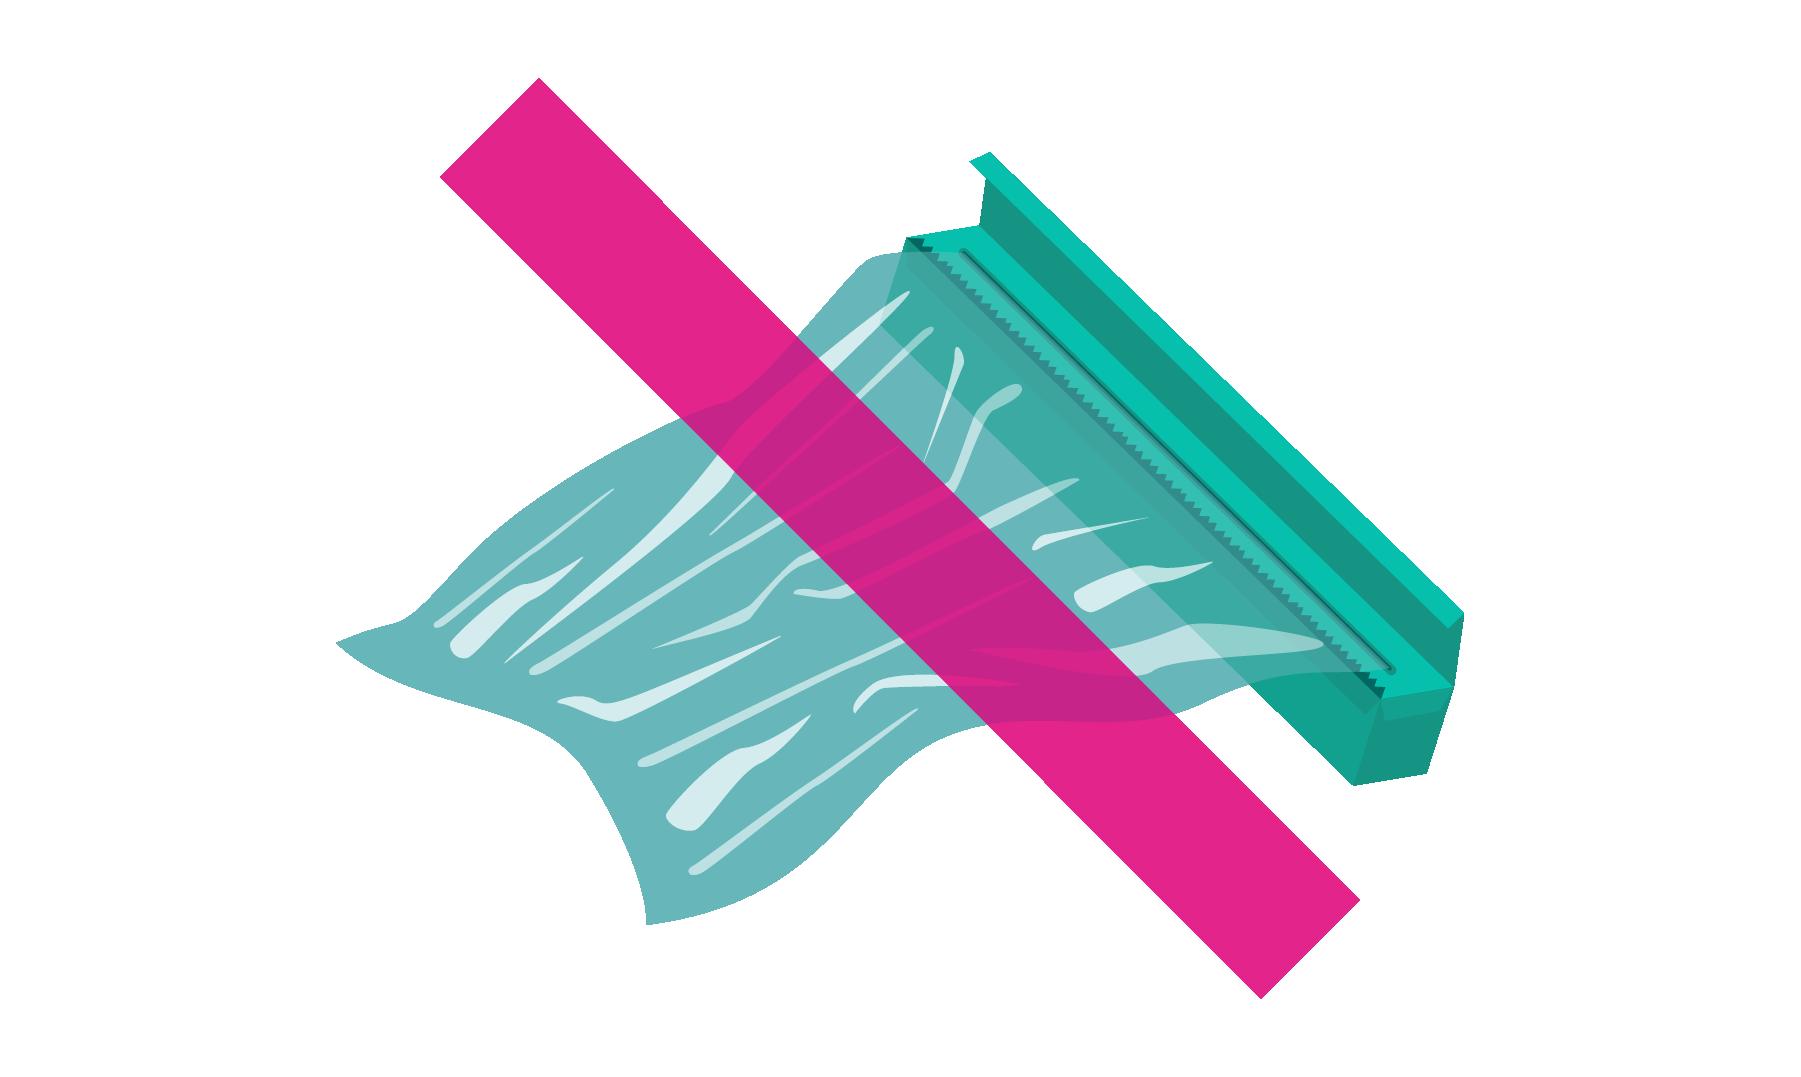 BeTheChange_plasticreduction_illustrations_v3-17.png